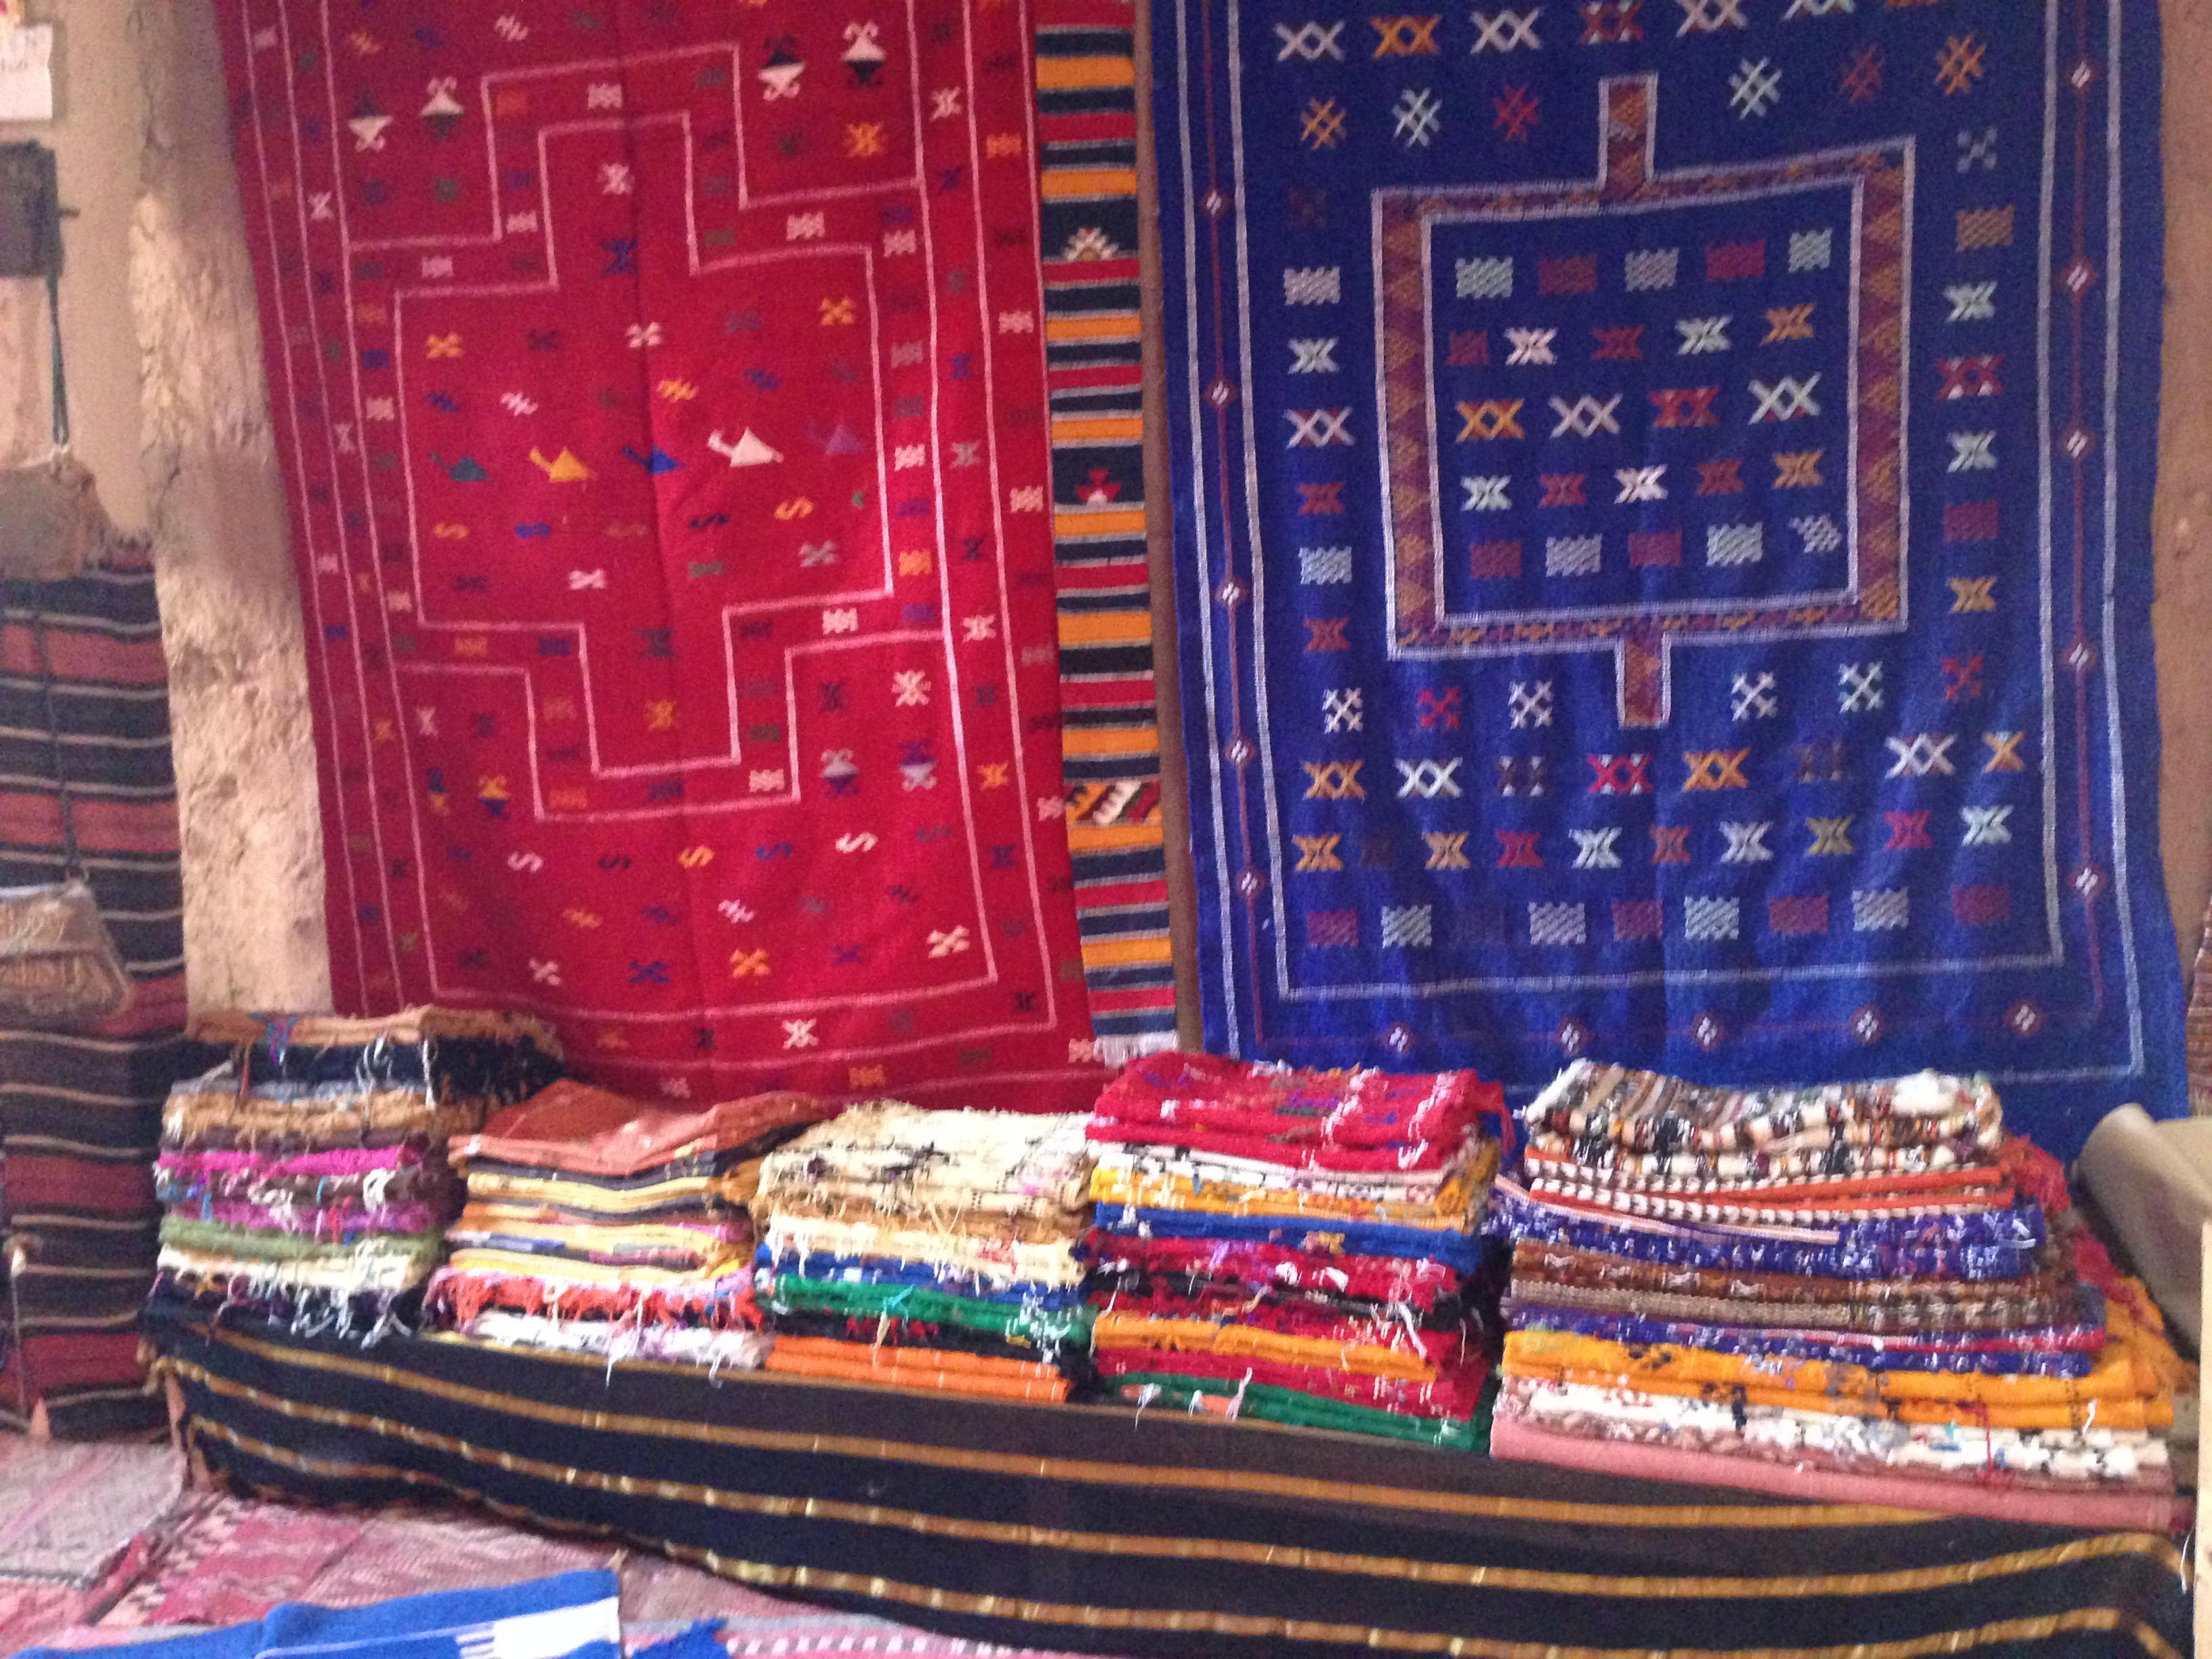 Il tappeto berbero: un diario segreto - Tour Marocco